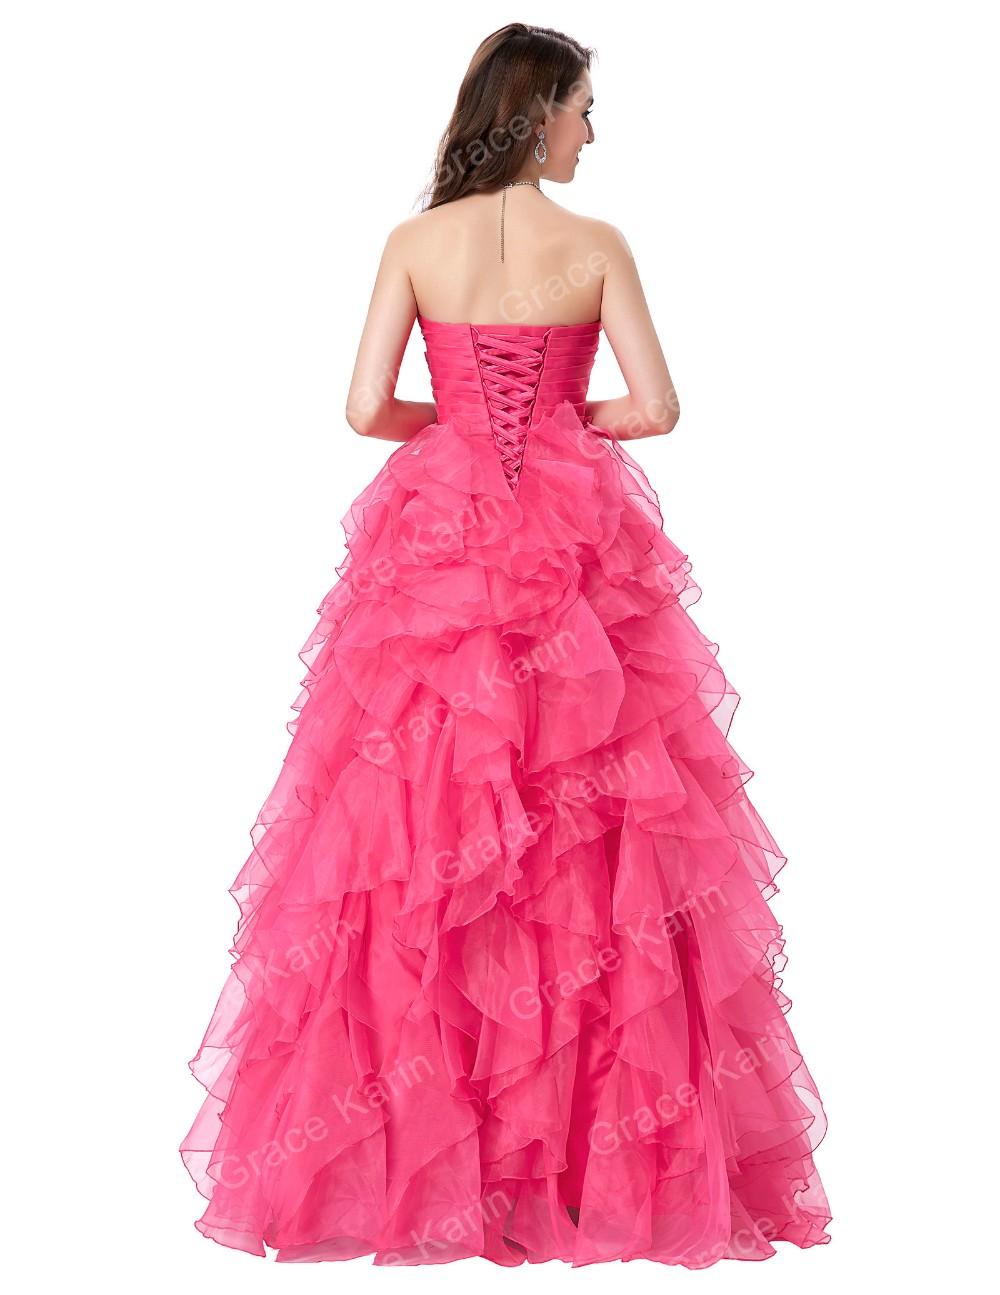 Gracia Karin Moda Novia Sin Tirantes Largo Vestido De Fiesta Rosa ...